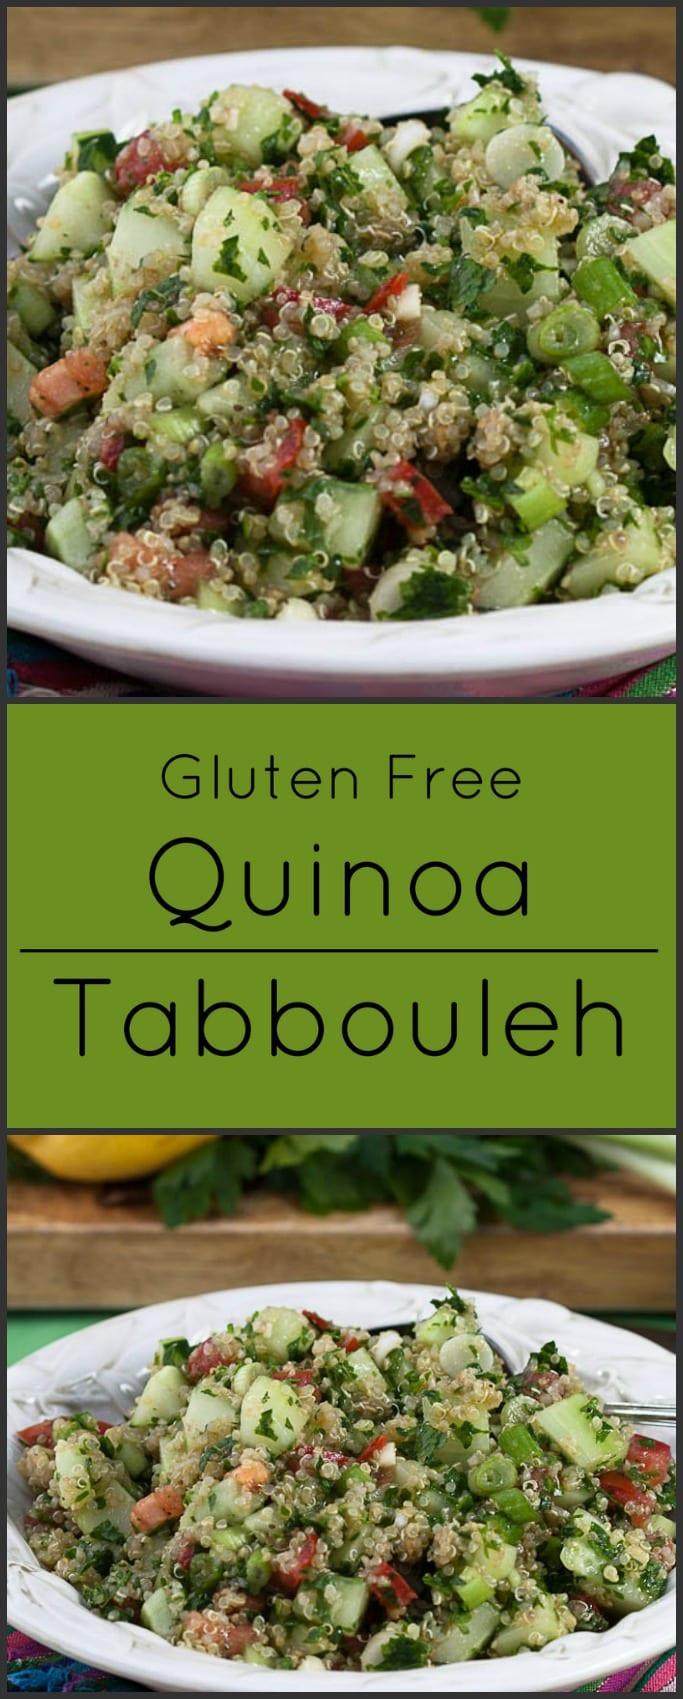 Gluten Free Side Dishes Summer  Quinoa Tabbouleh Gluten Free Side Dishes What A Girl Eats